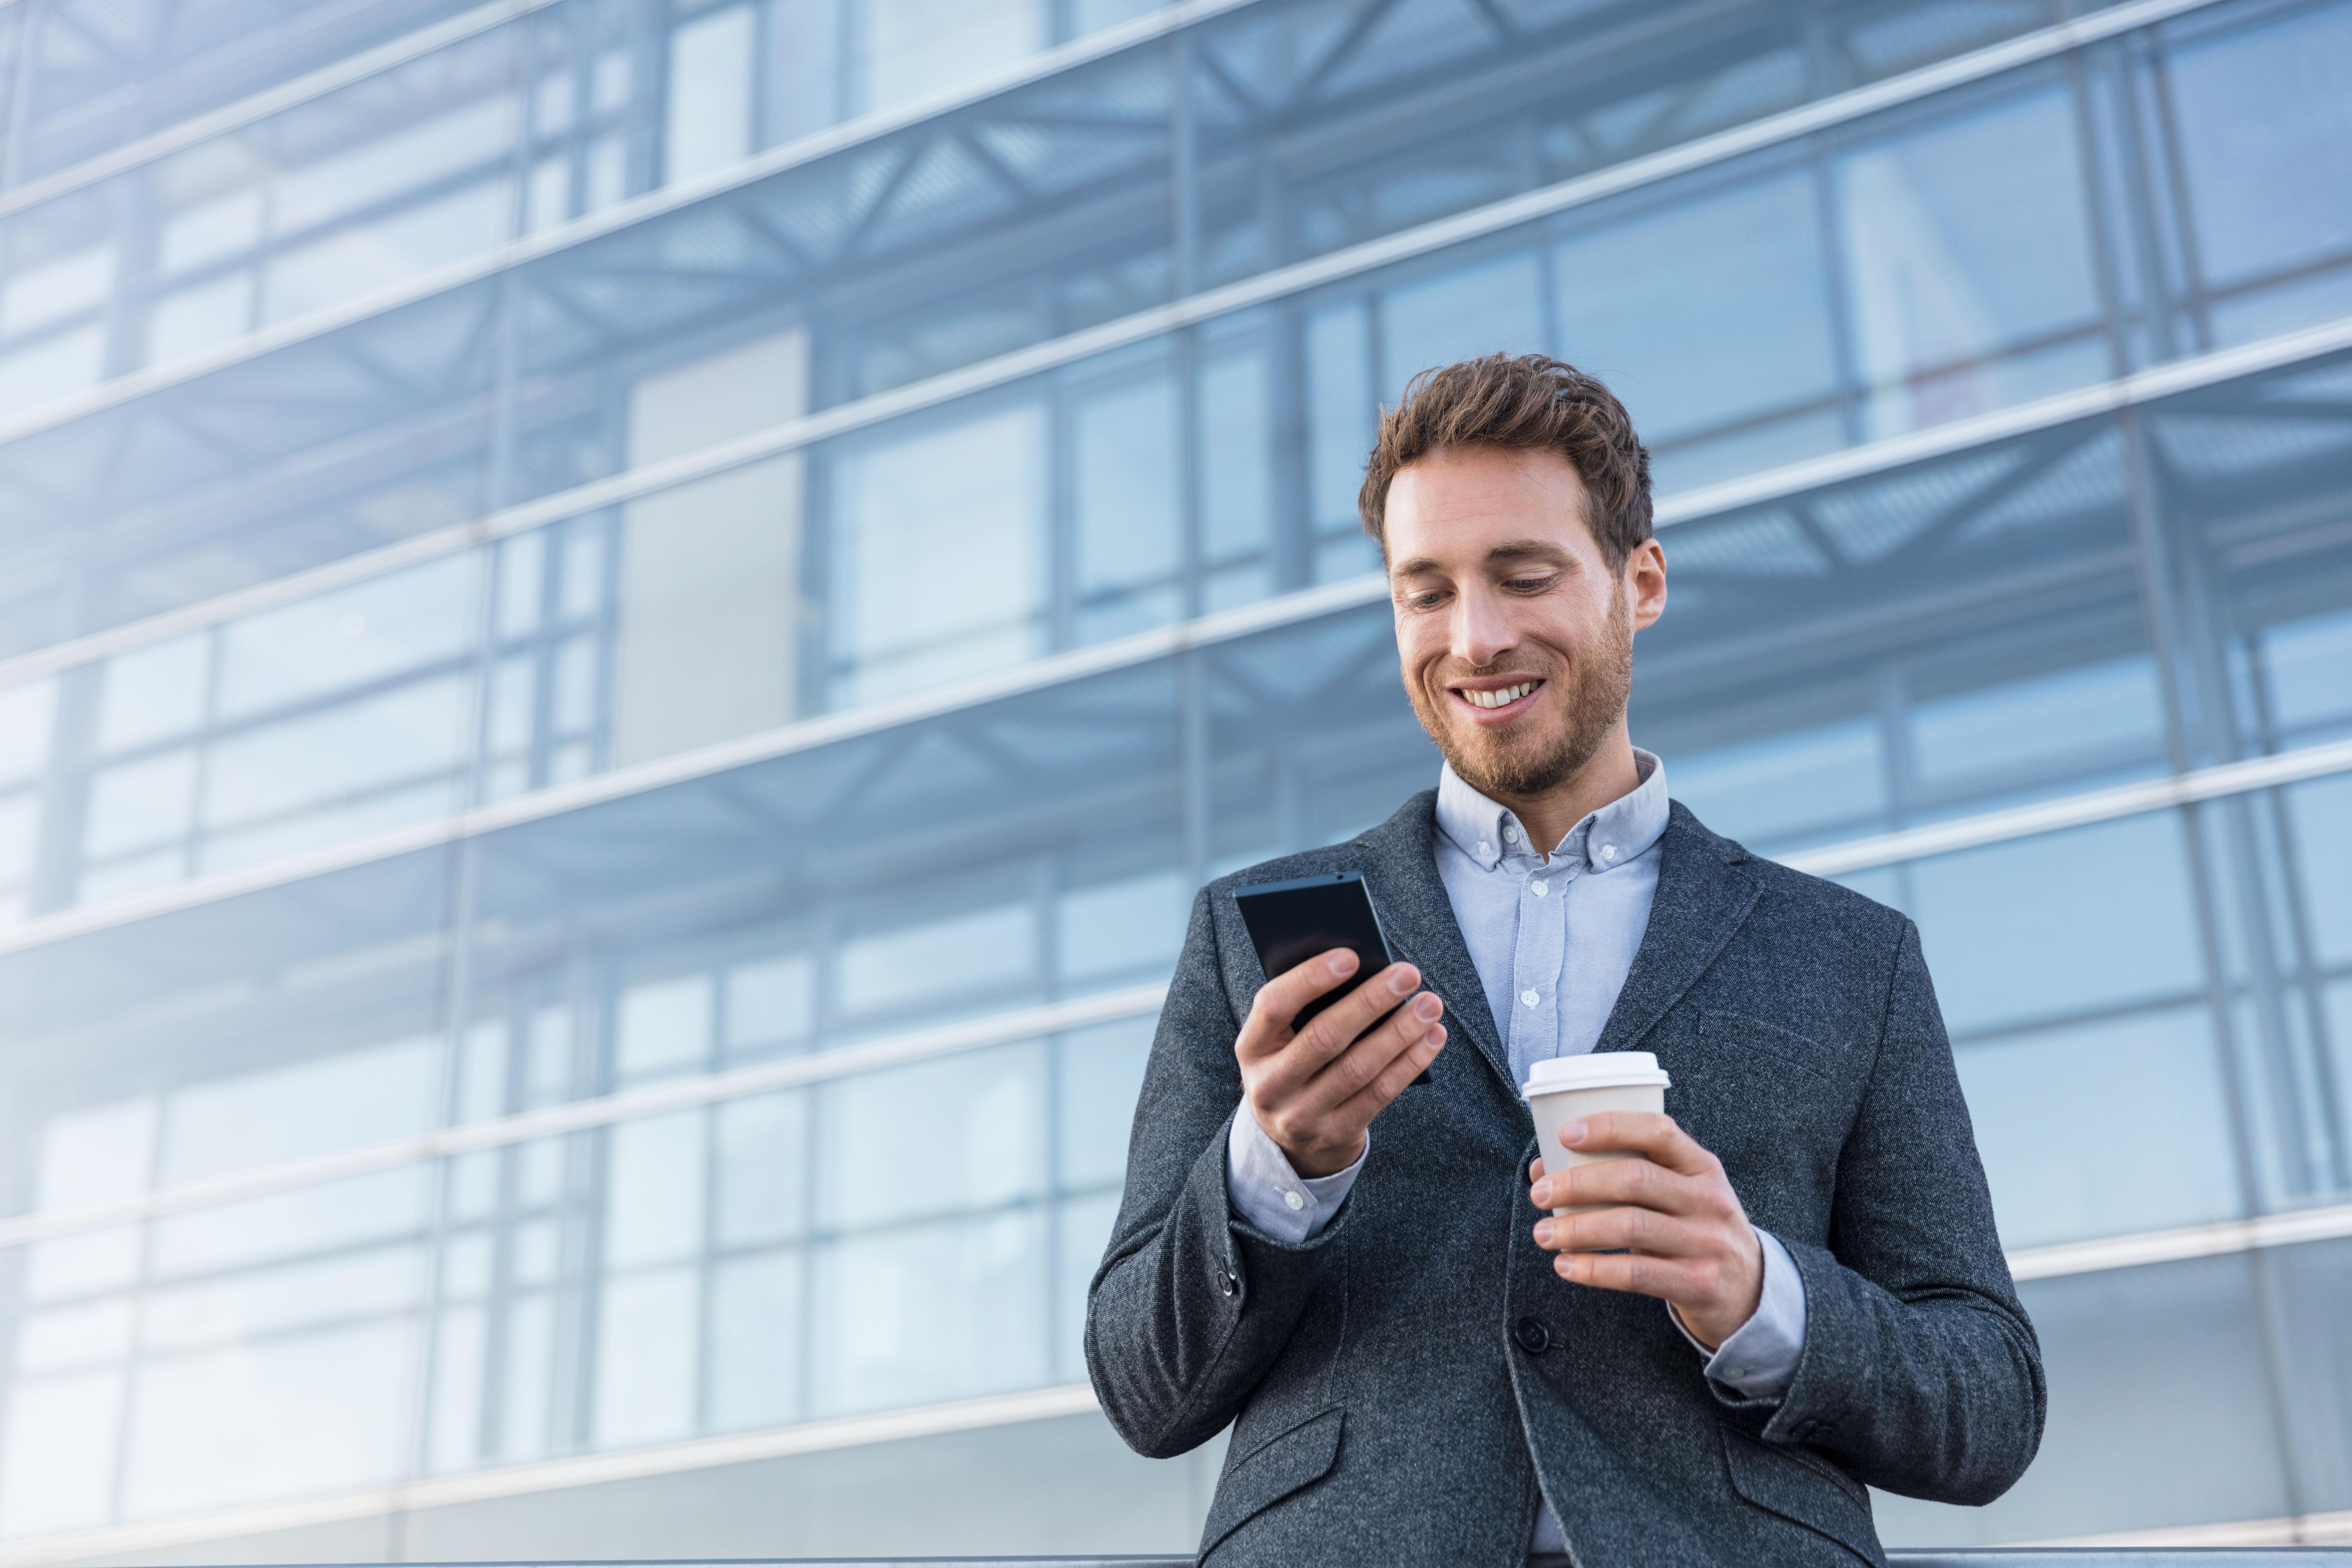 Como Escolher o Melhor App de Controle de Ponto para a Sua Empresa?